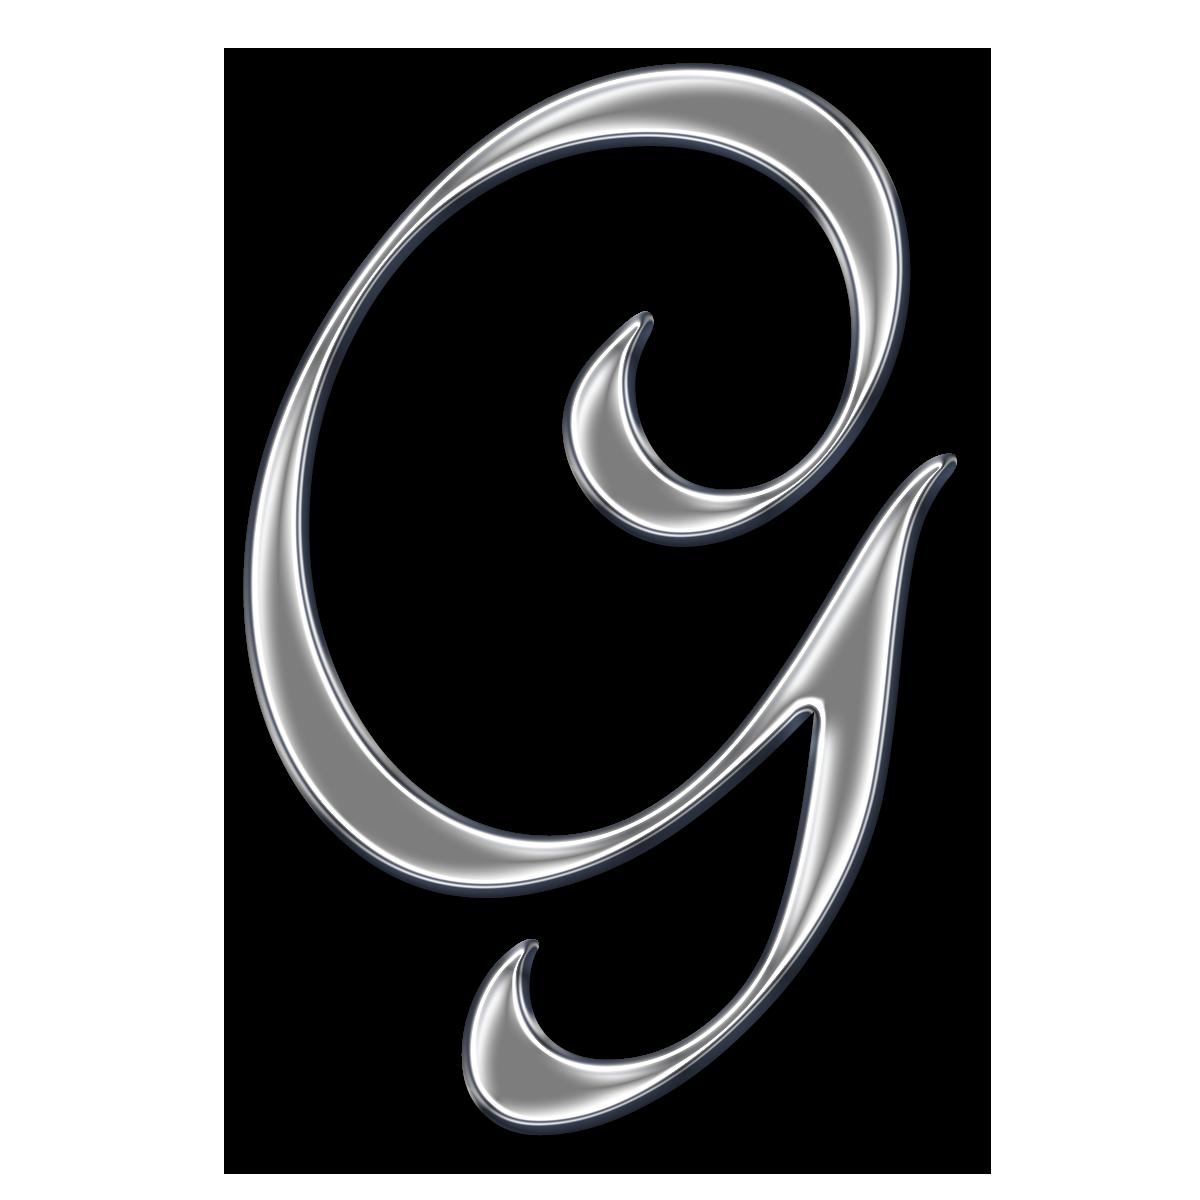 Color Monogram Letter G Font With Design Free Download